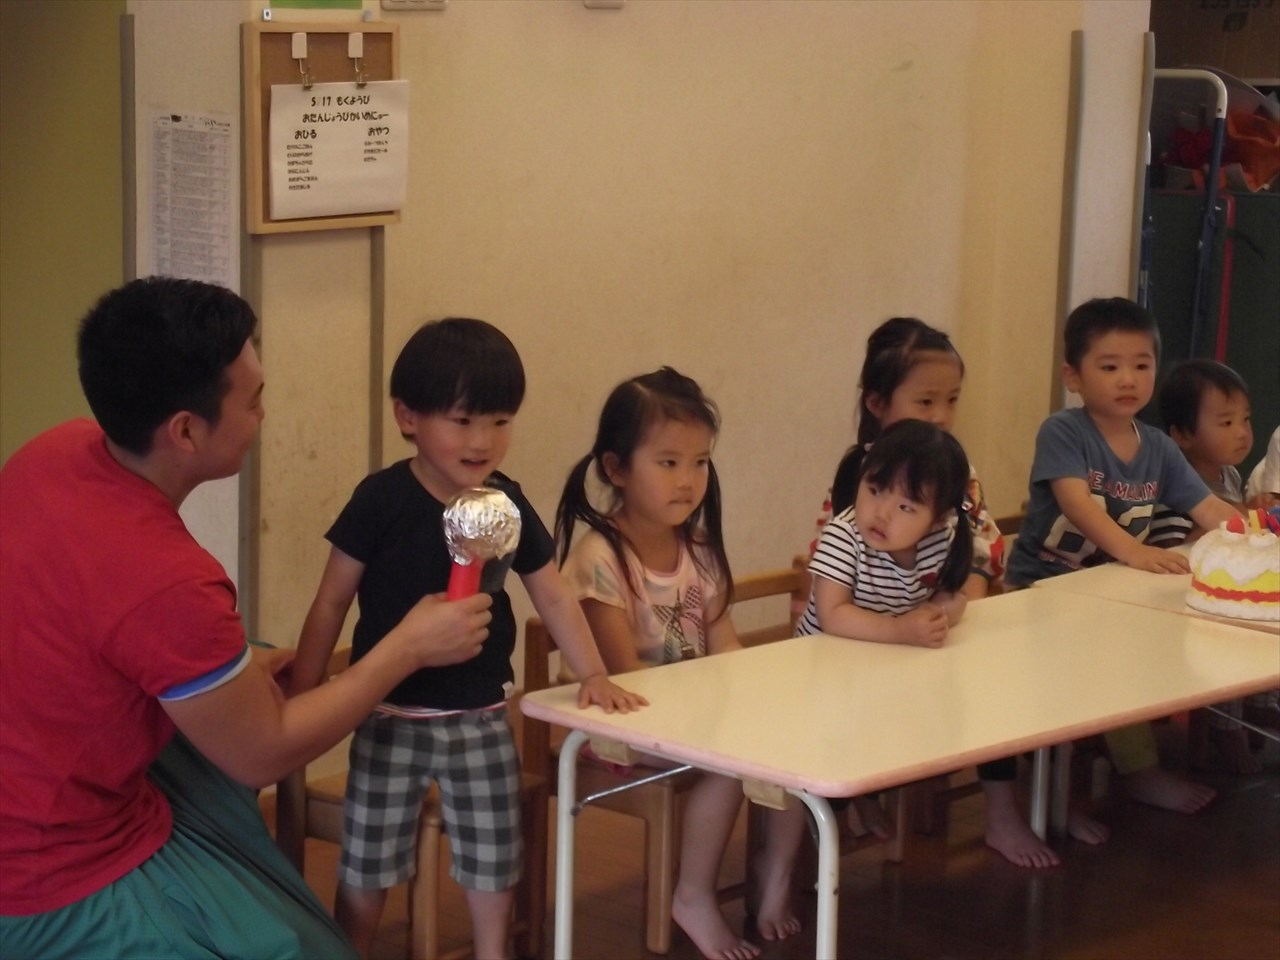 いつもは幼児さん中心ですが、今日はかりん組、みかん組も参加。こちらはかりん組のお友達。